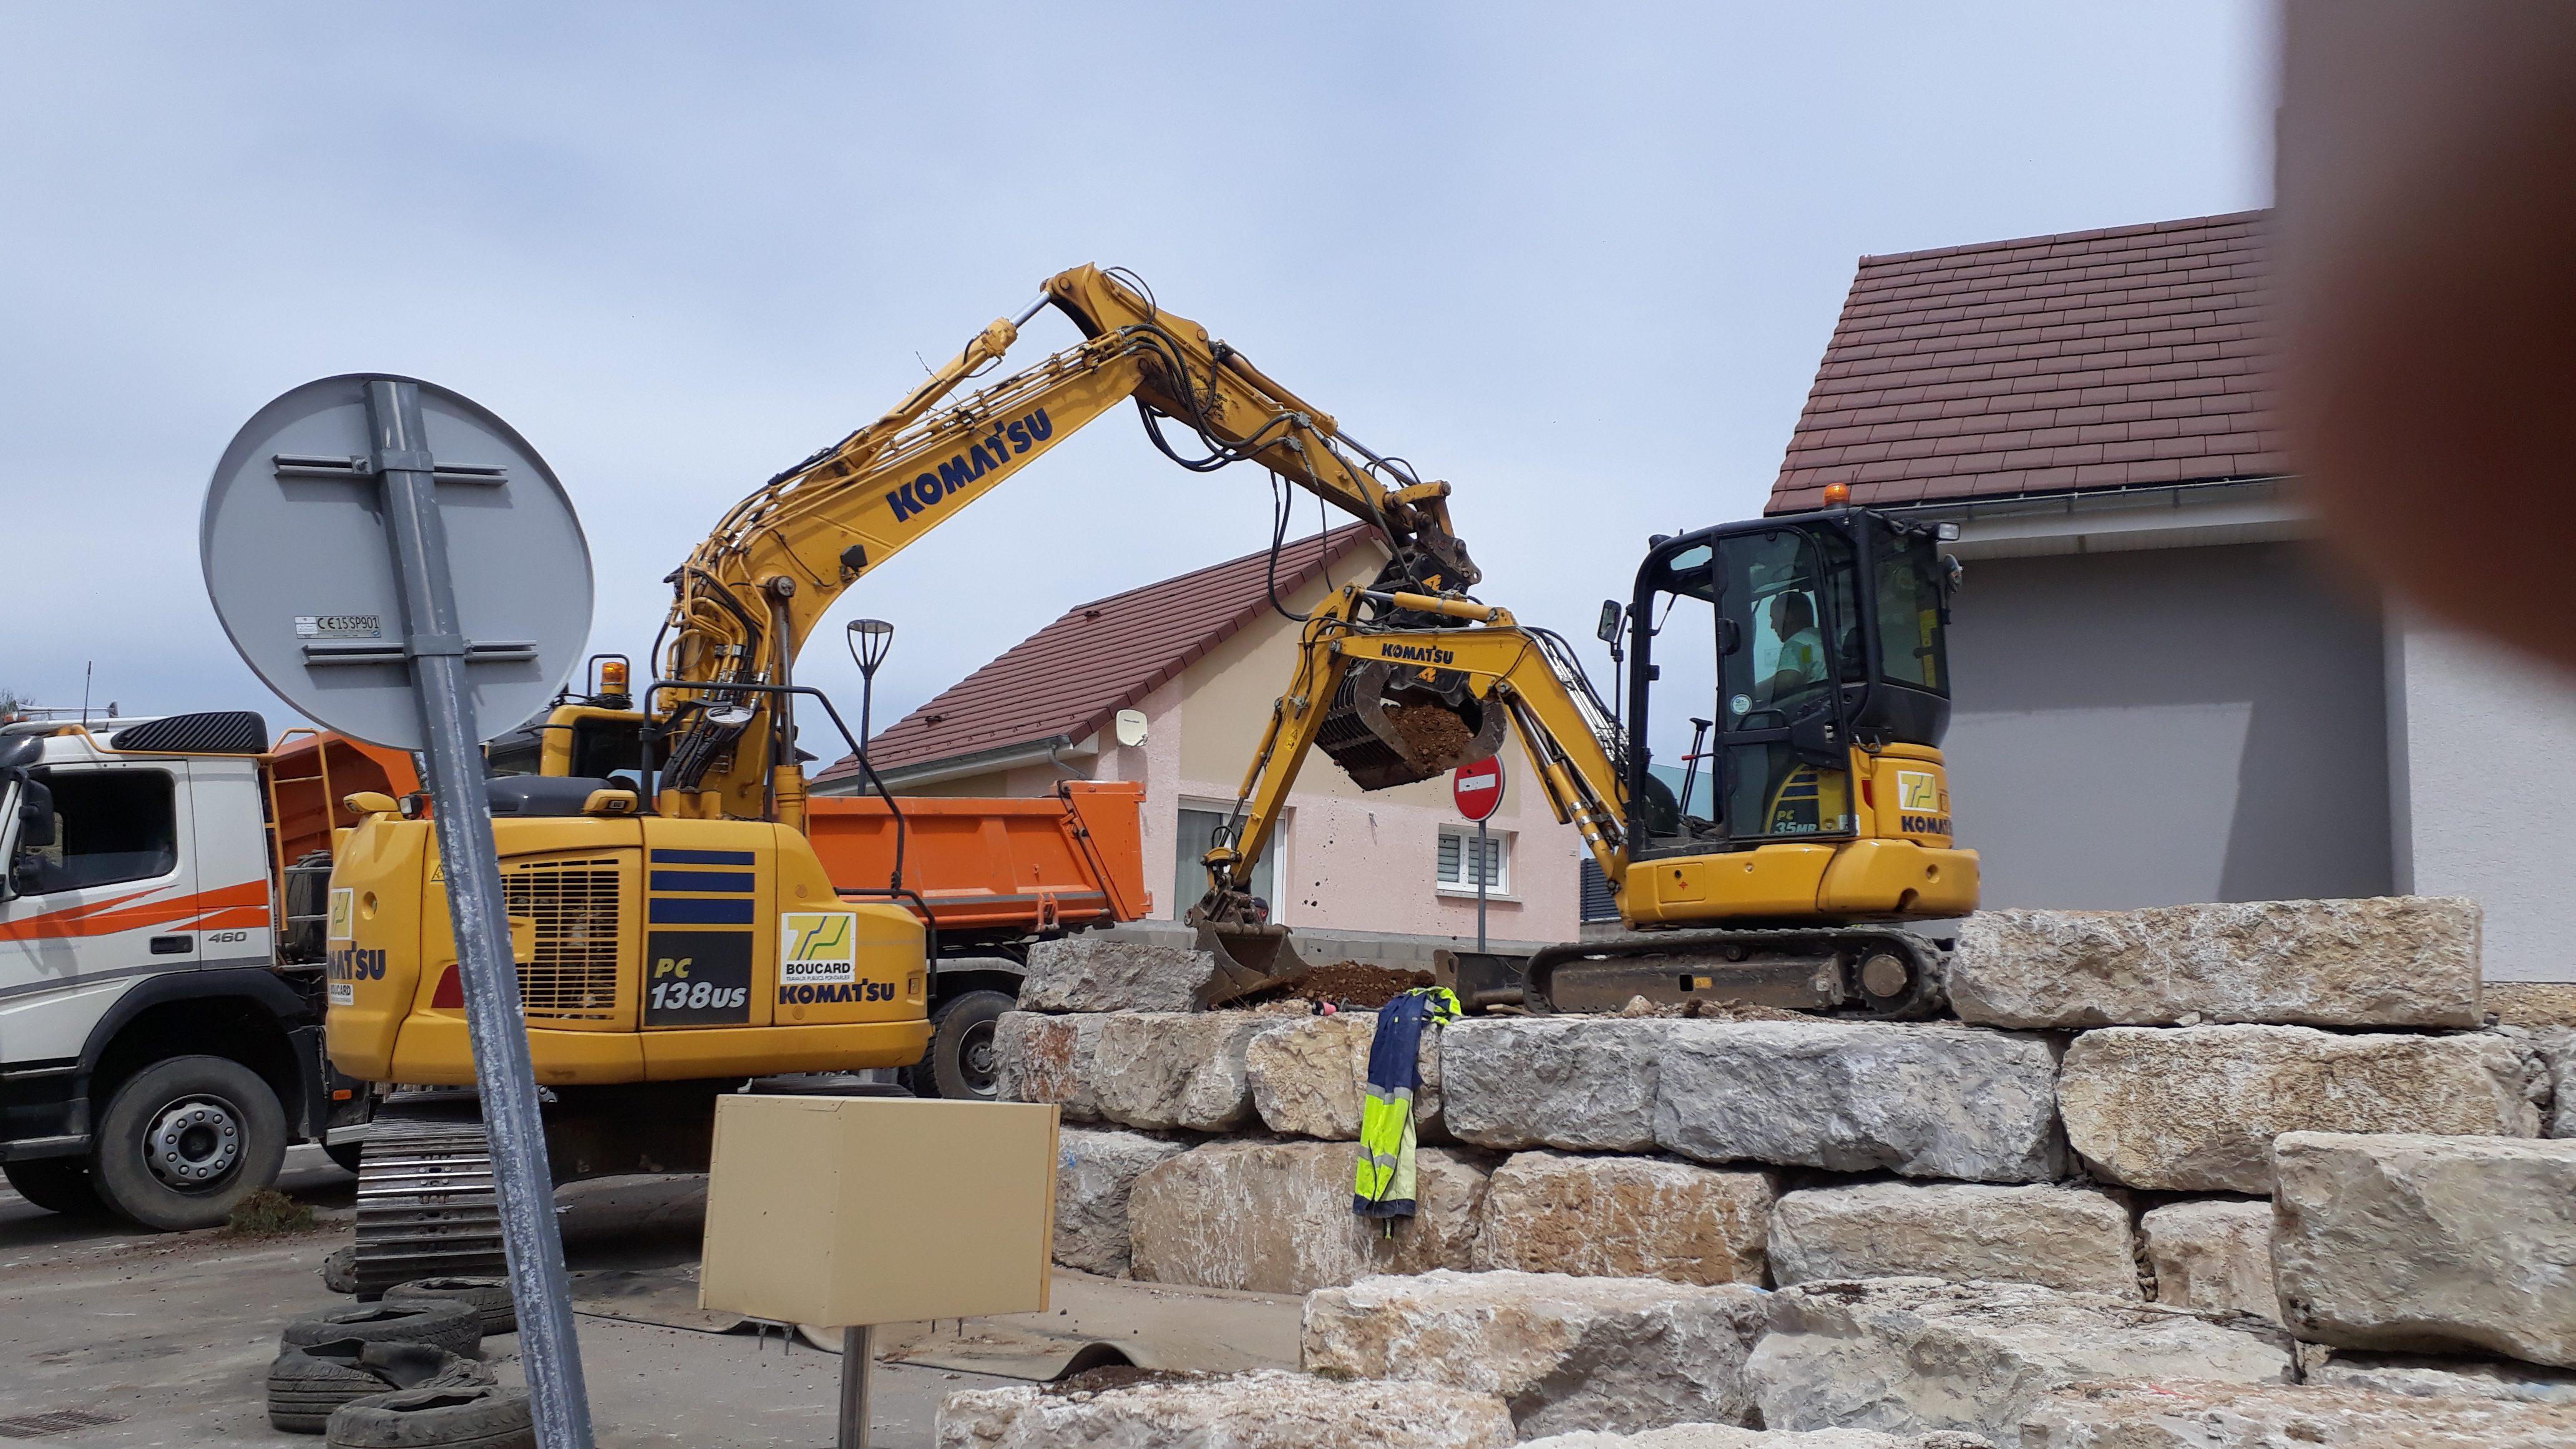 enrochement-mur-beton-terrasse-exterieur-maison-travaux-publics-TP-pontarlier-doubs-franche-comte-05